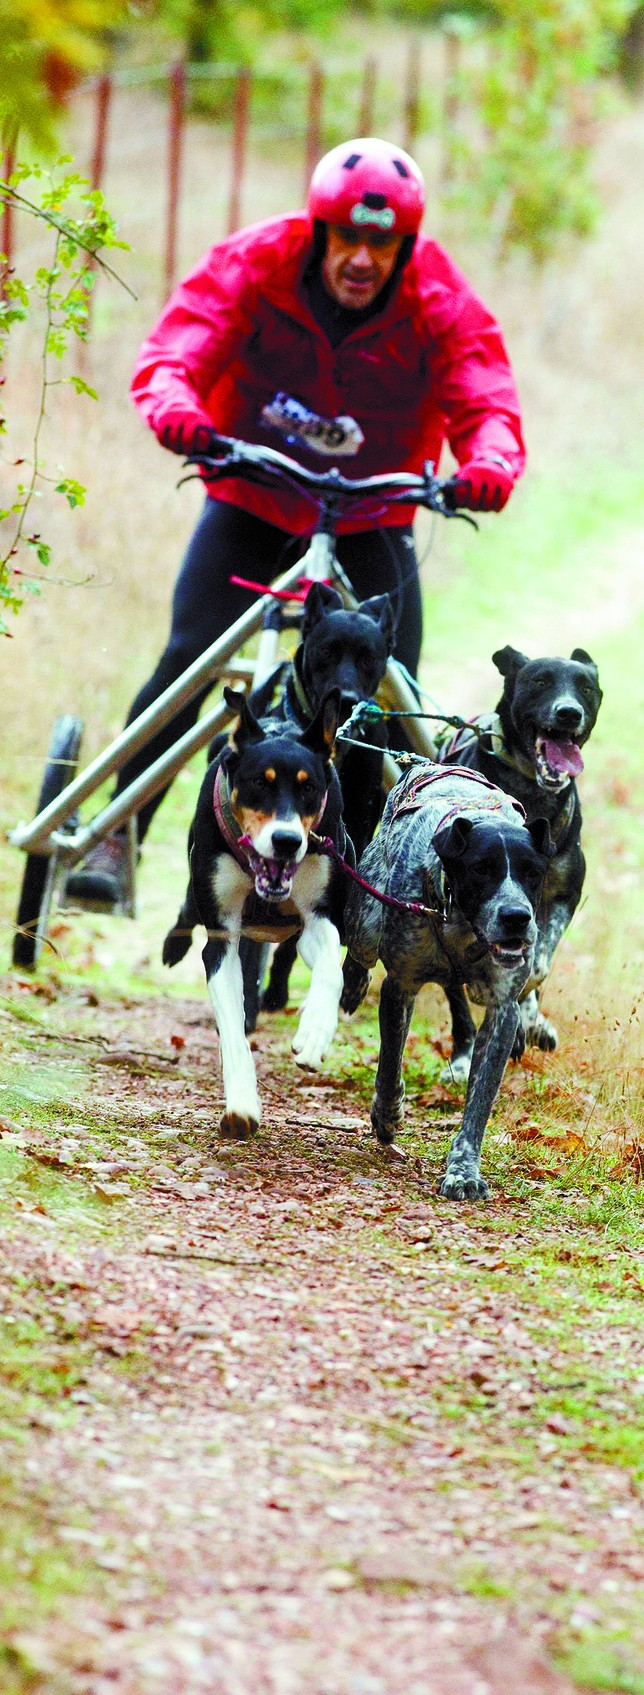 La compenetración entre el deportista y los perros debe ser buena. Valdivielso